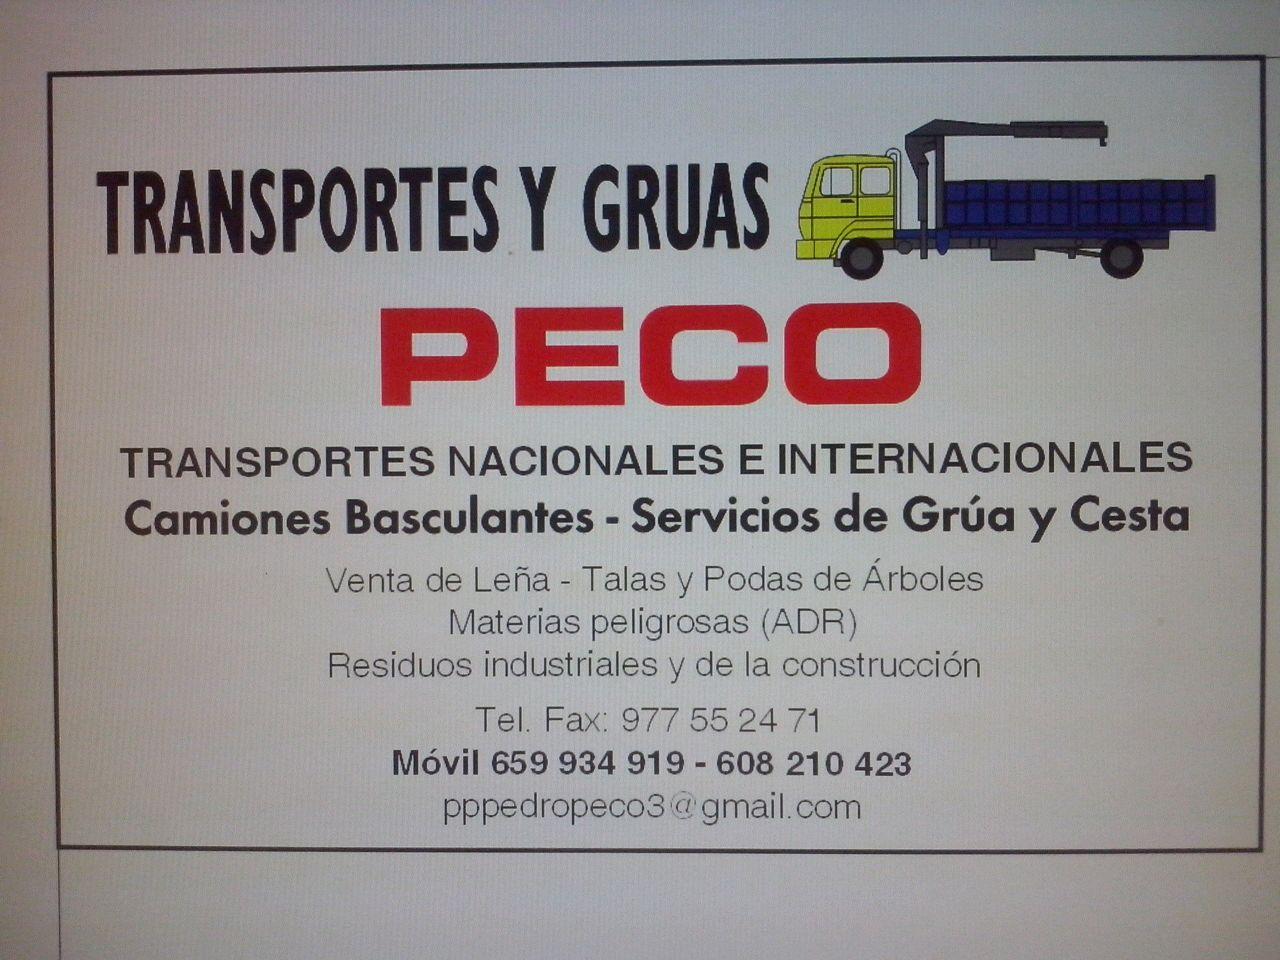 Transportes y Grúas Peco